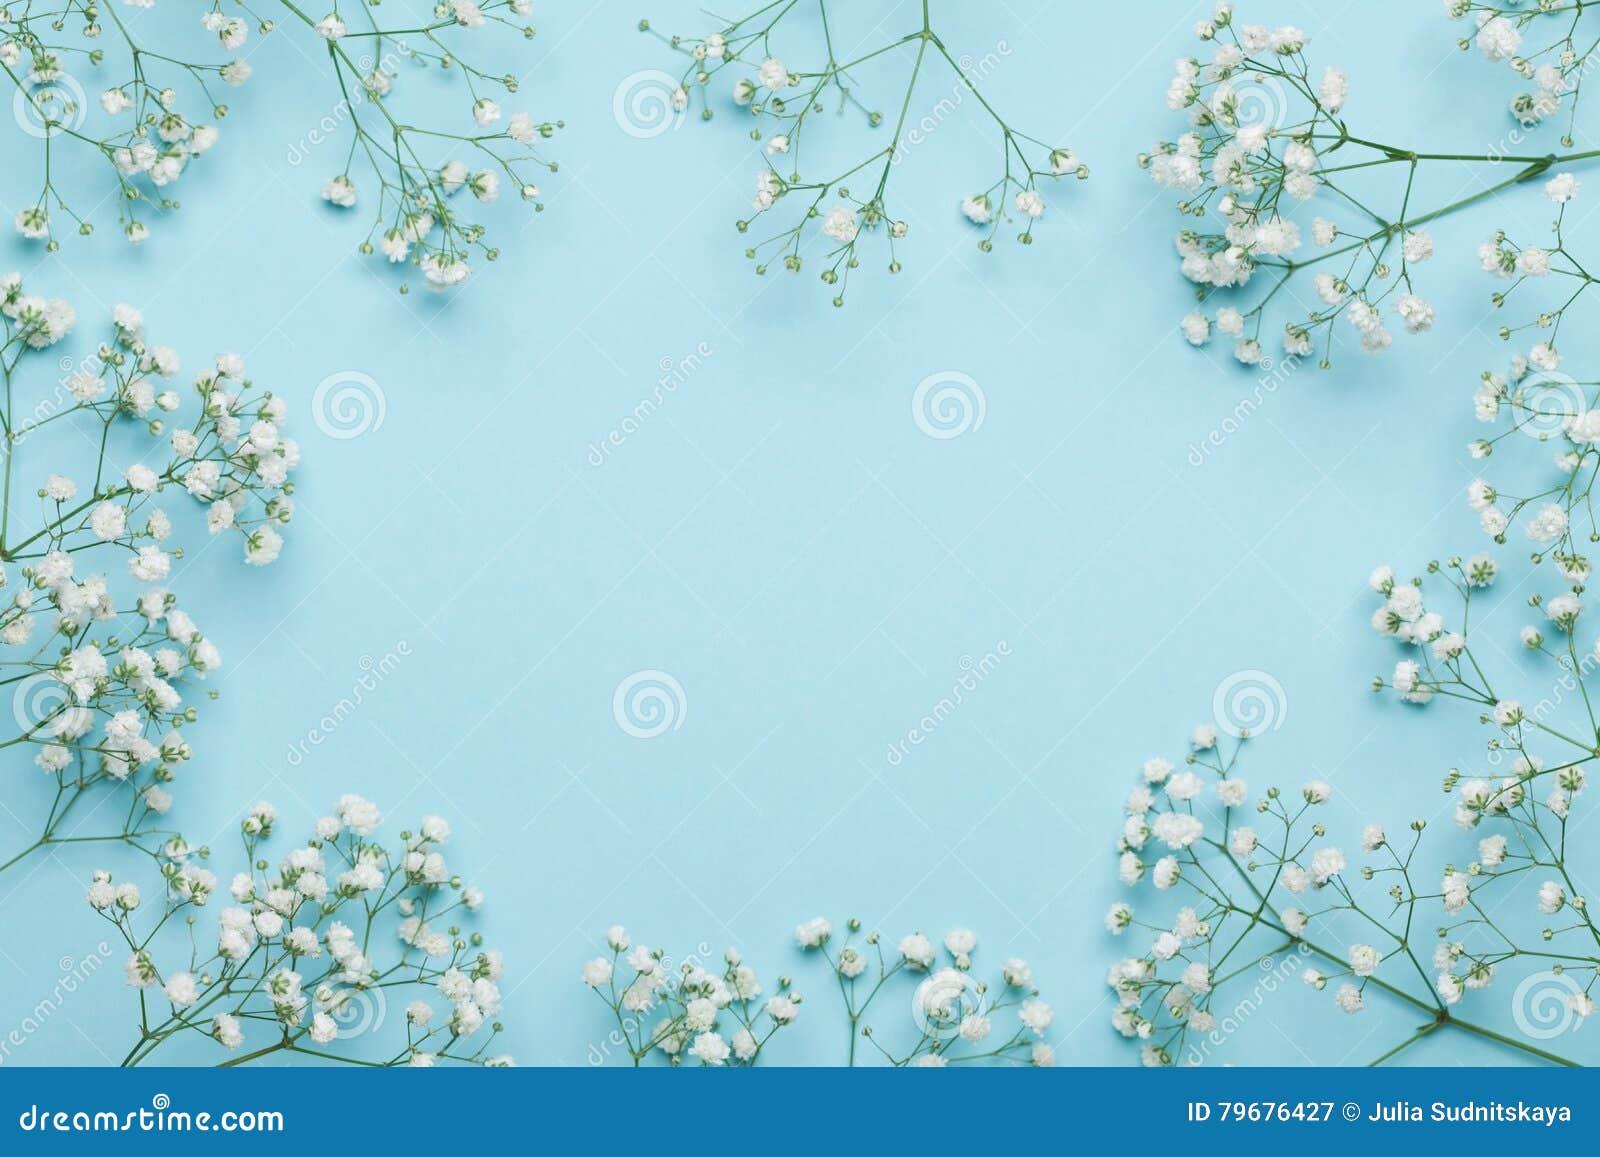 Πλαίσιο γαμήλιων λουλουδιών στο μπλε υπόβαθρο άνωθεν όμορφο floral πρότυπο επίπεδος βάλτε το ύφος